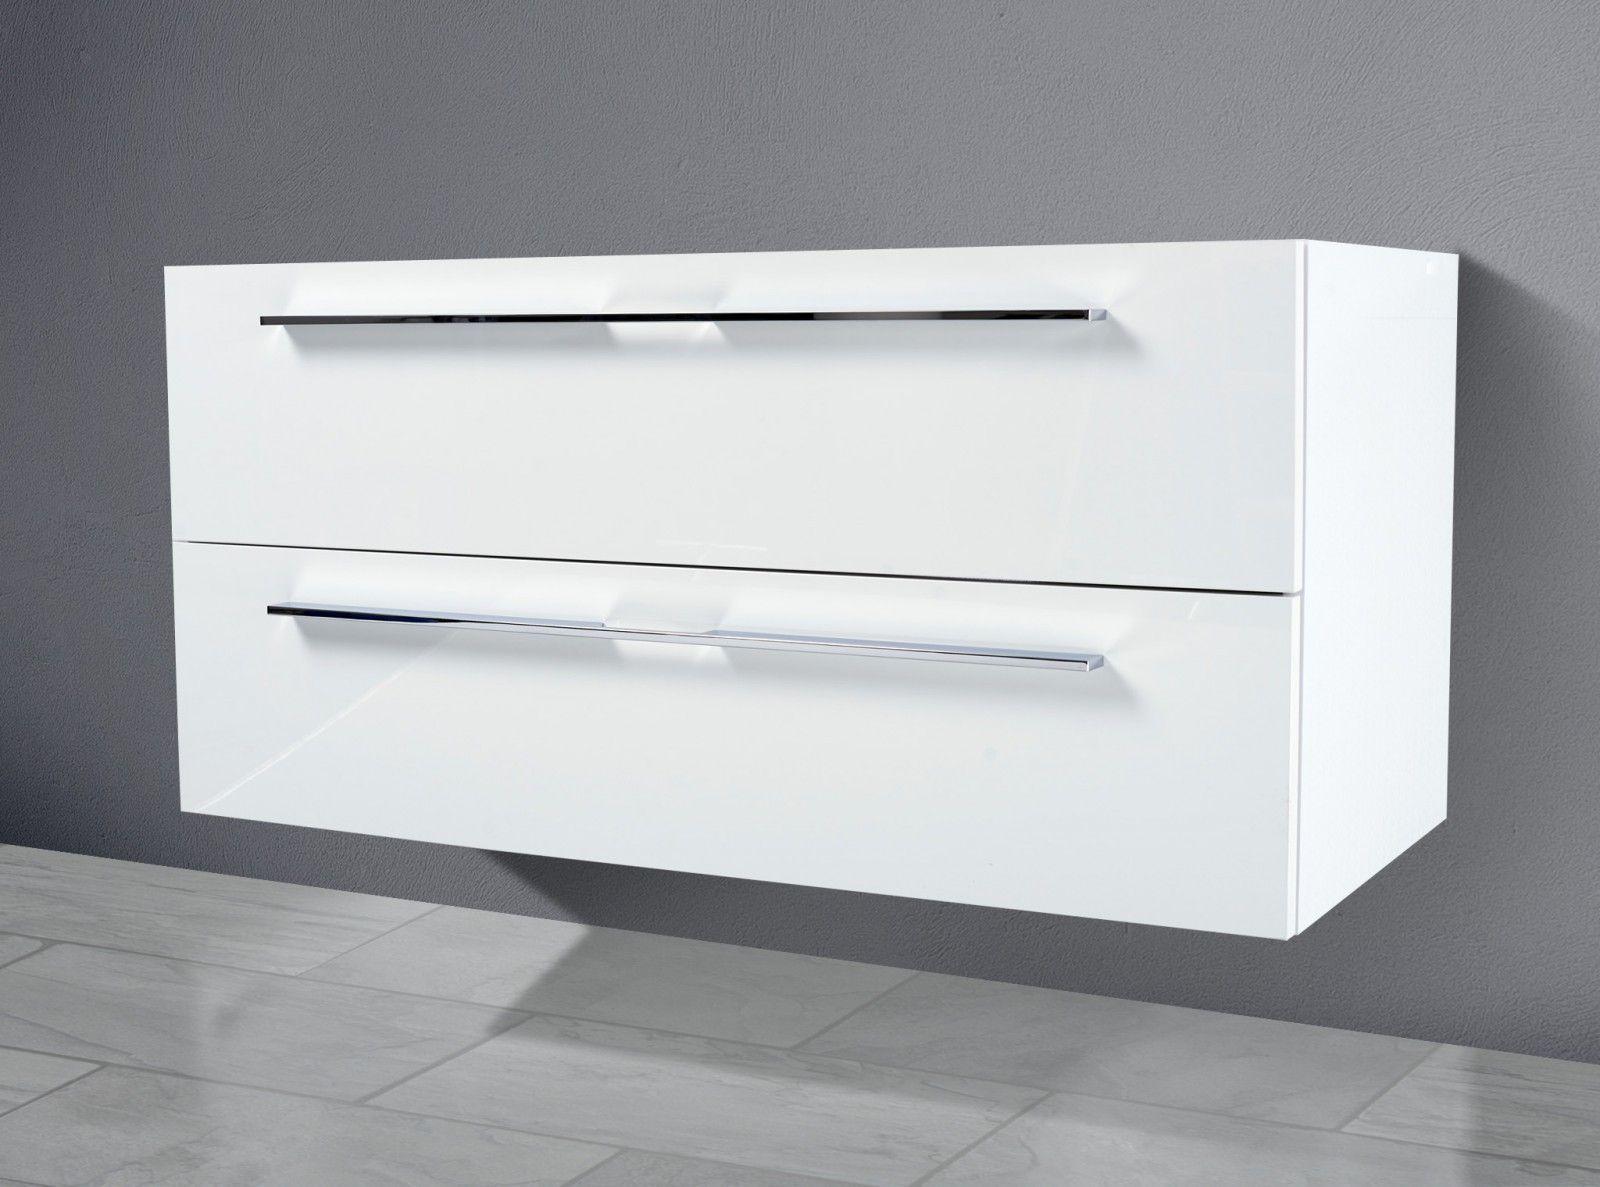 Badezimmer Unterschrank Hängend - Design